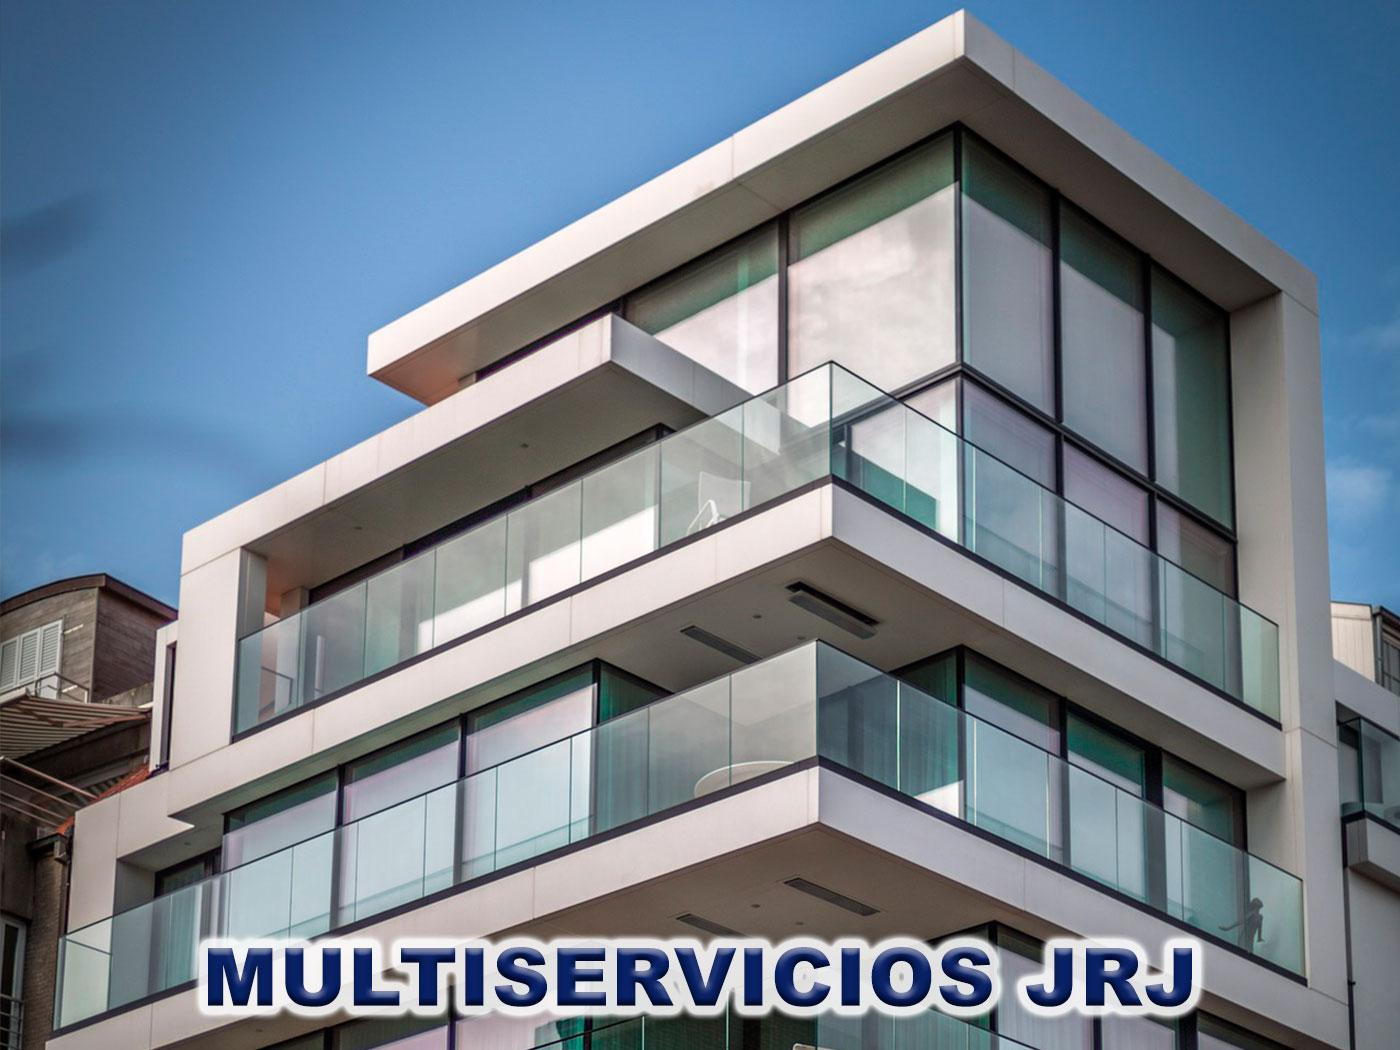 MultiserviciosJRJ-portfolio-1400x1050